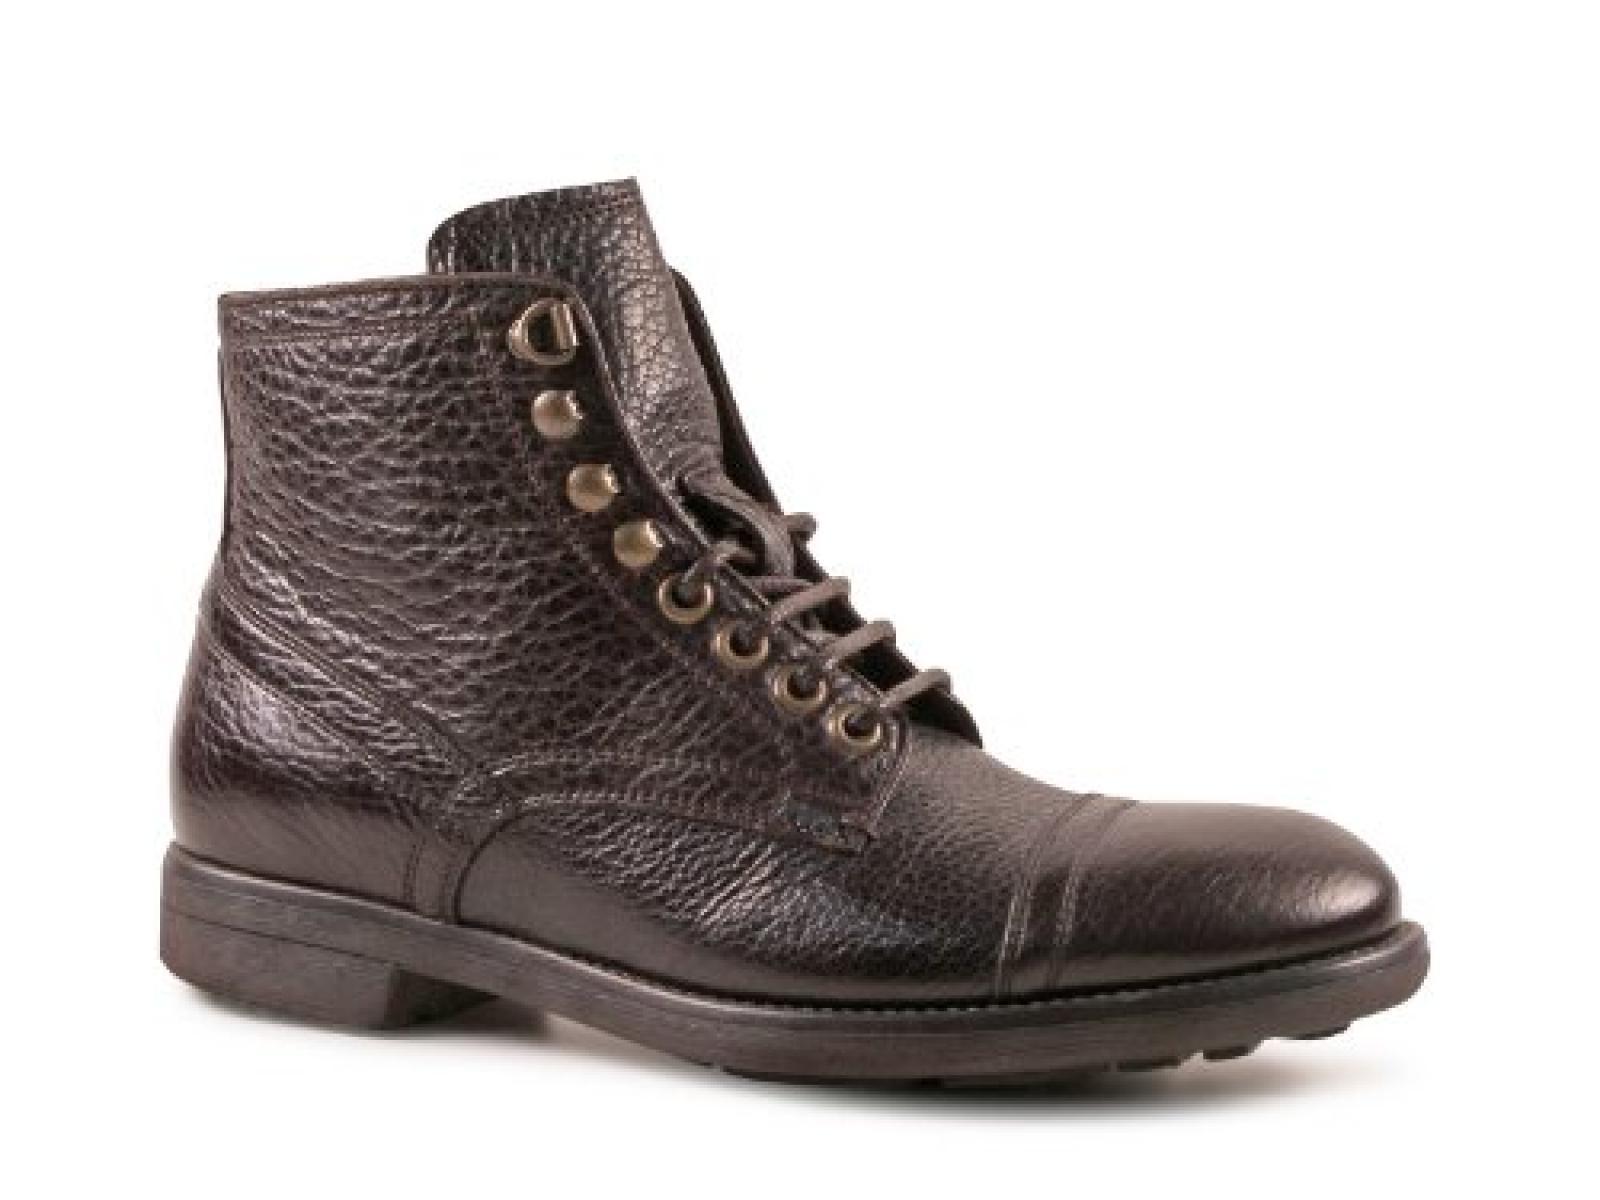 Dolce & Gabbana niedrige Stiefel in dunkel braun Bison Leder - Modellnummer: CA5774 A1139 80048